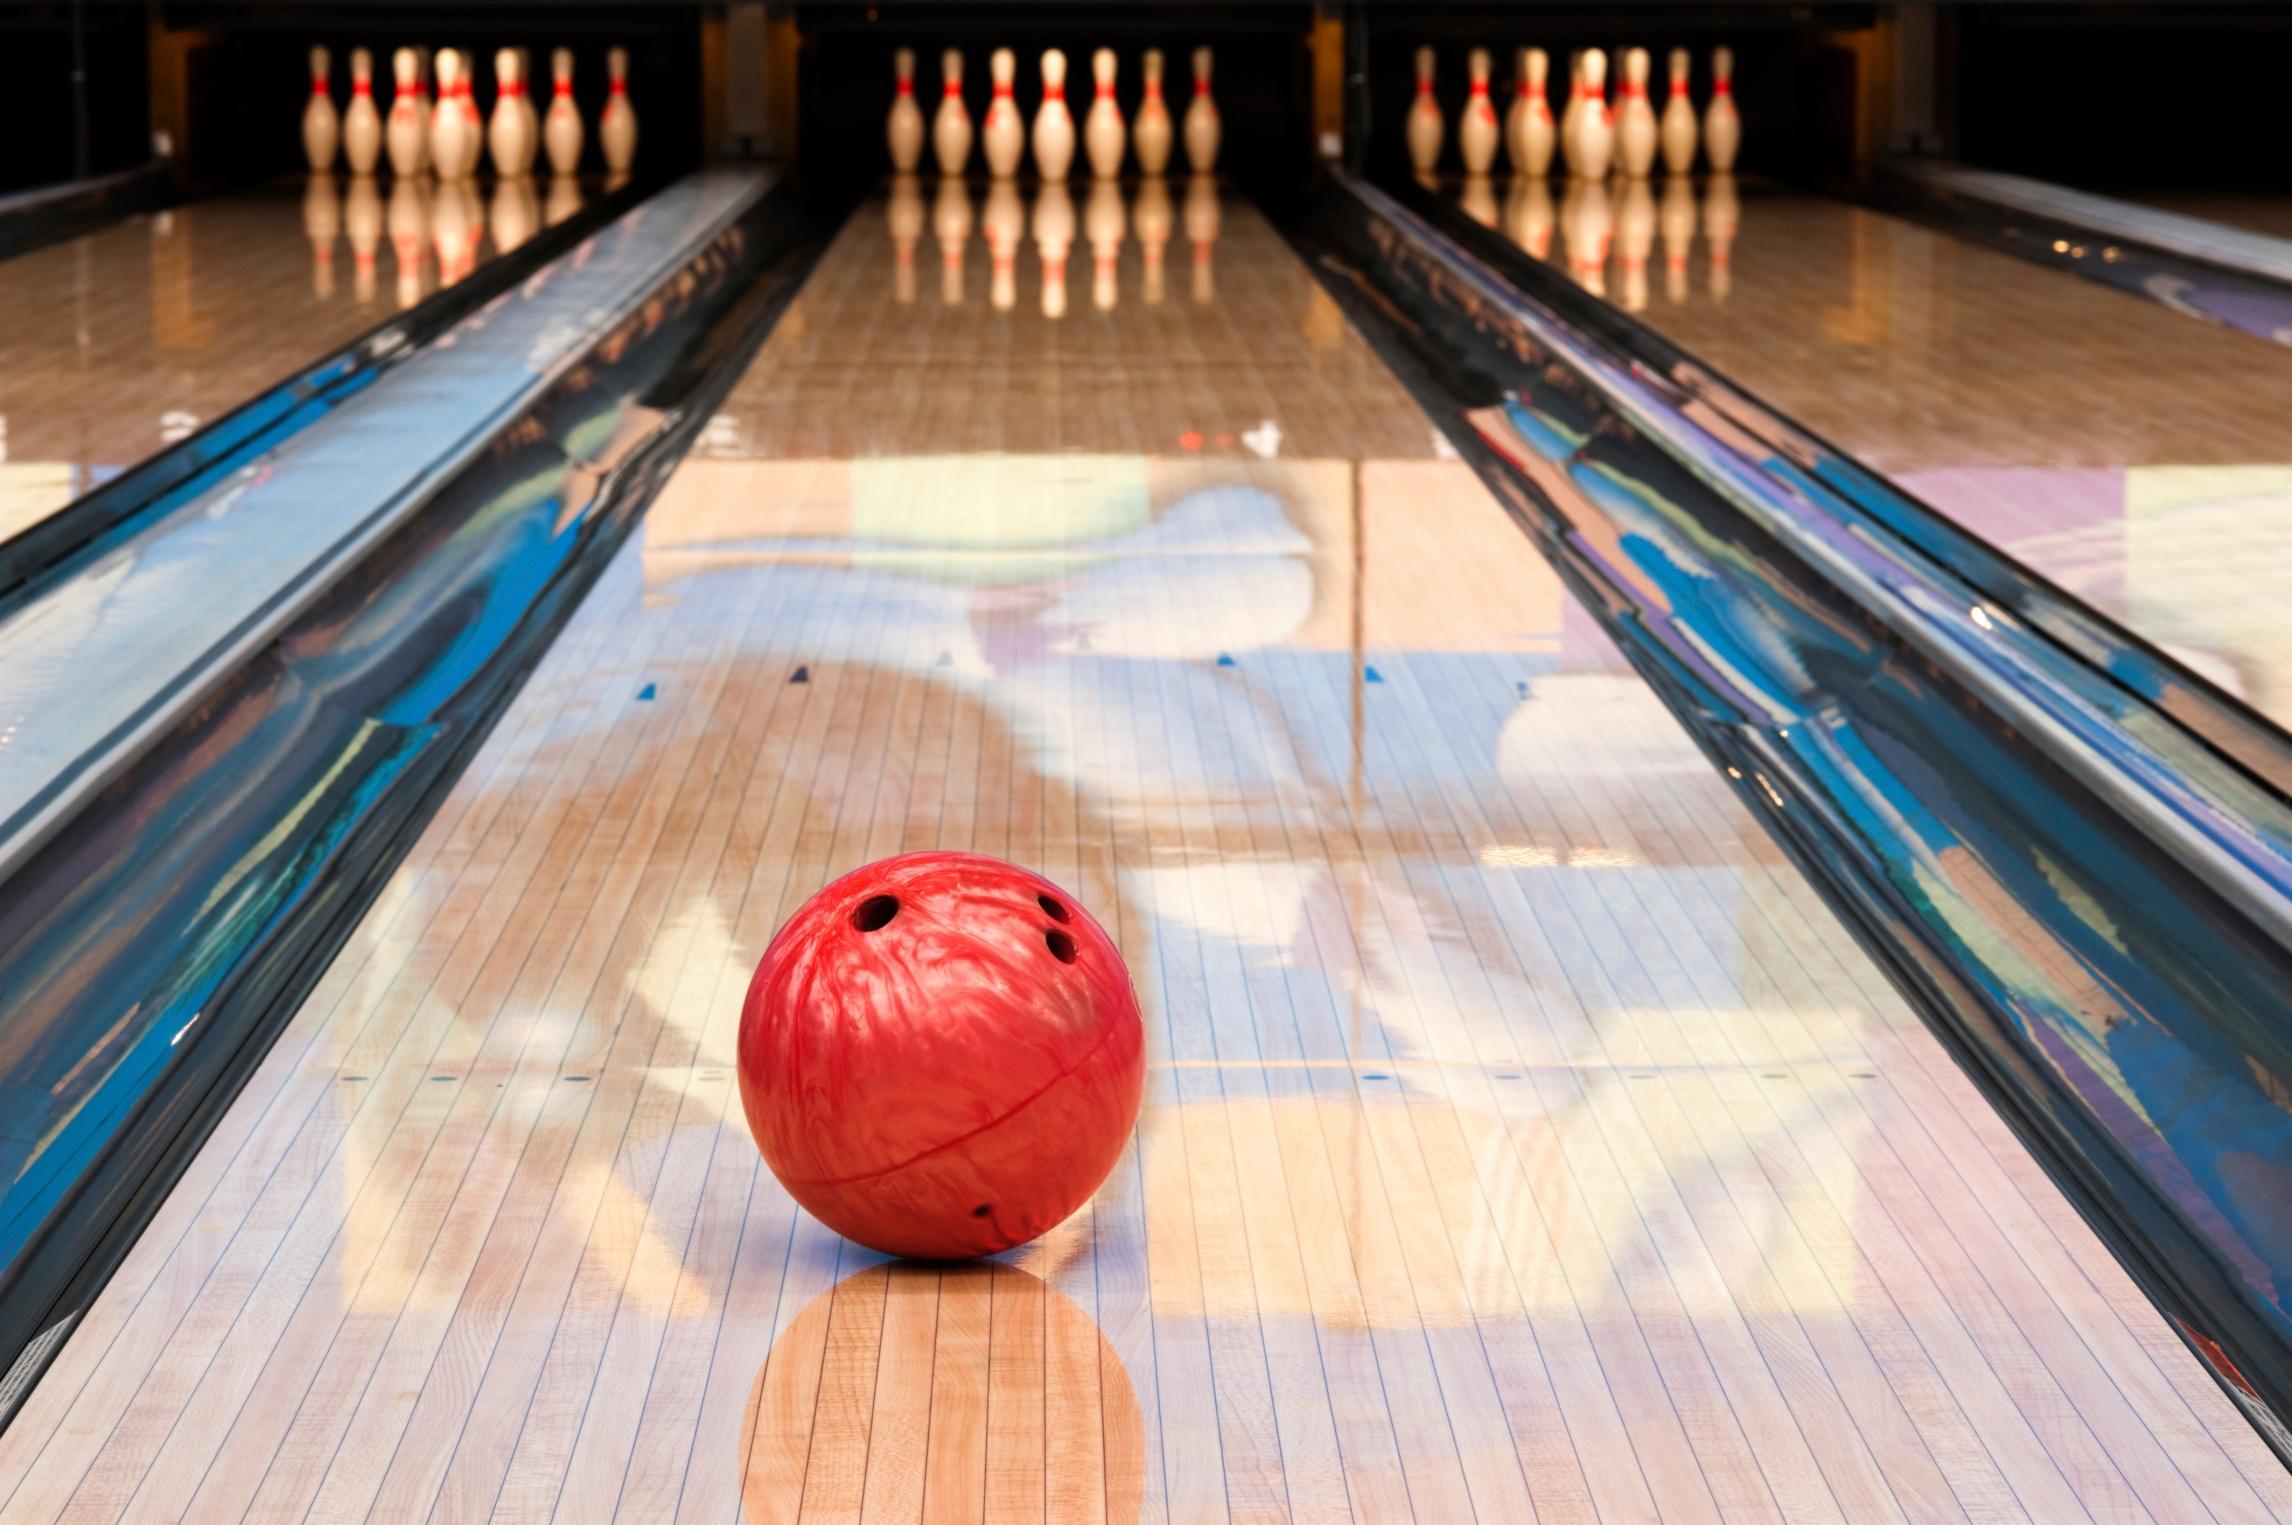 Bowling_alley.jpg